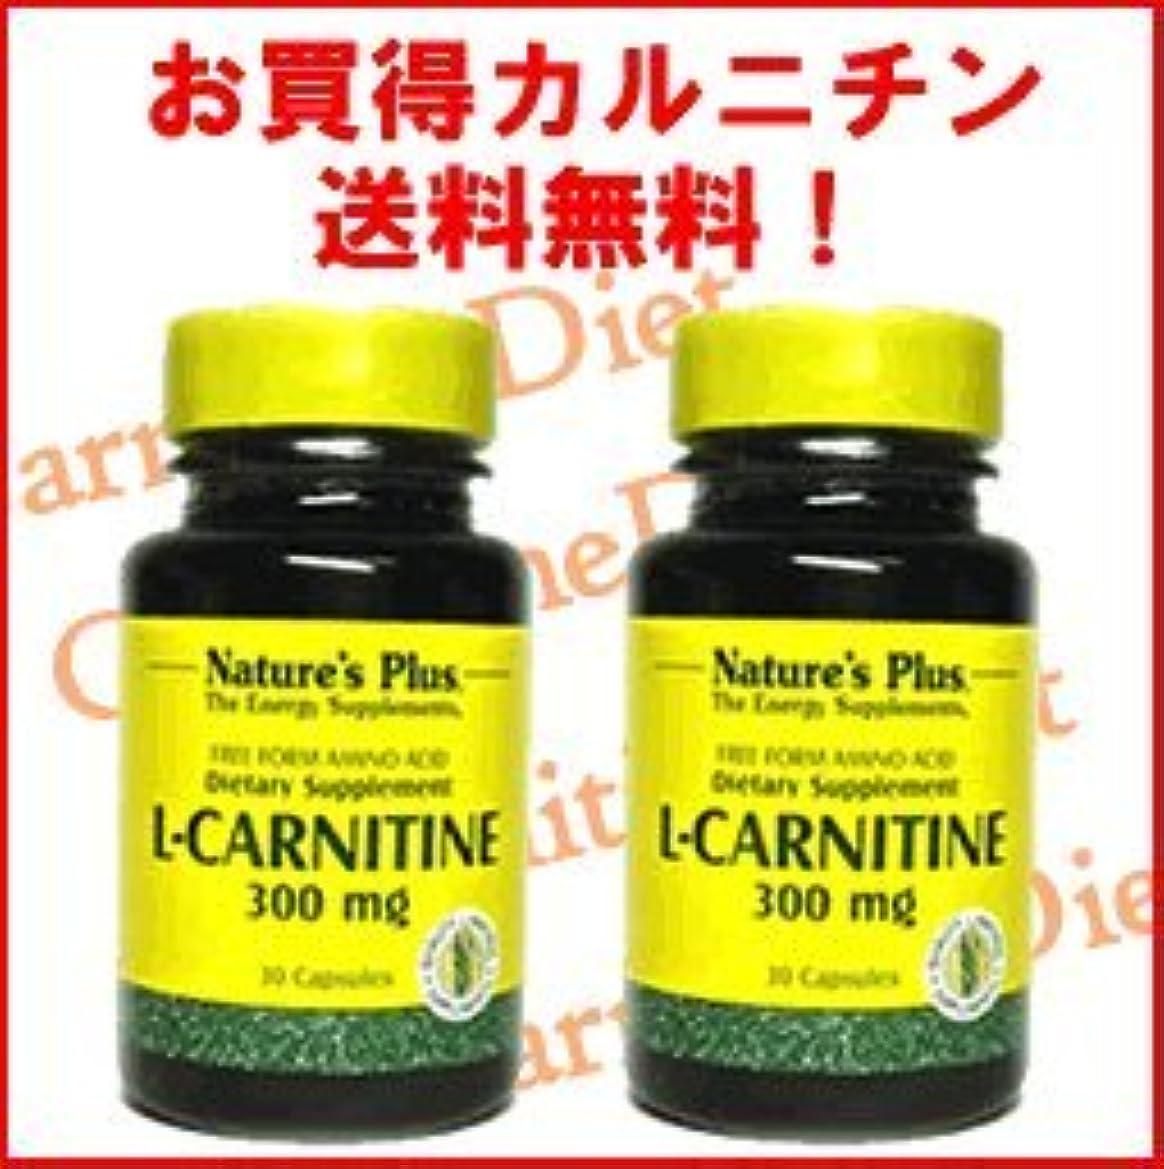 仲間、同僚経済的の量L-カルニチン300mg 2本セット